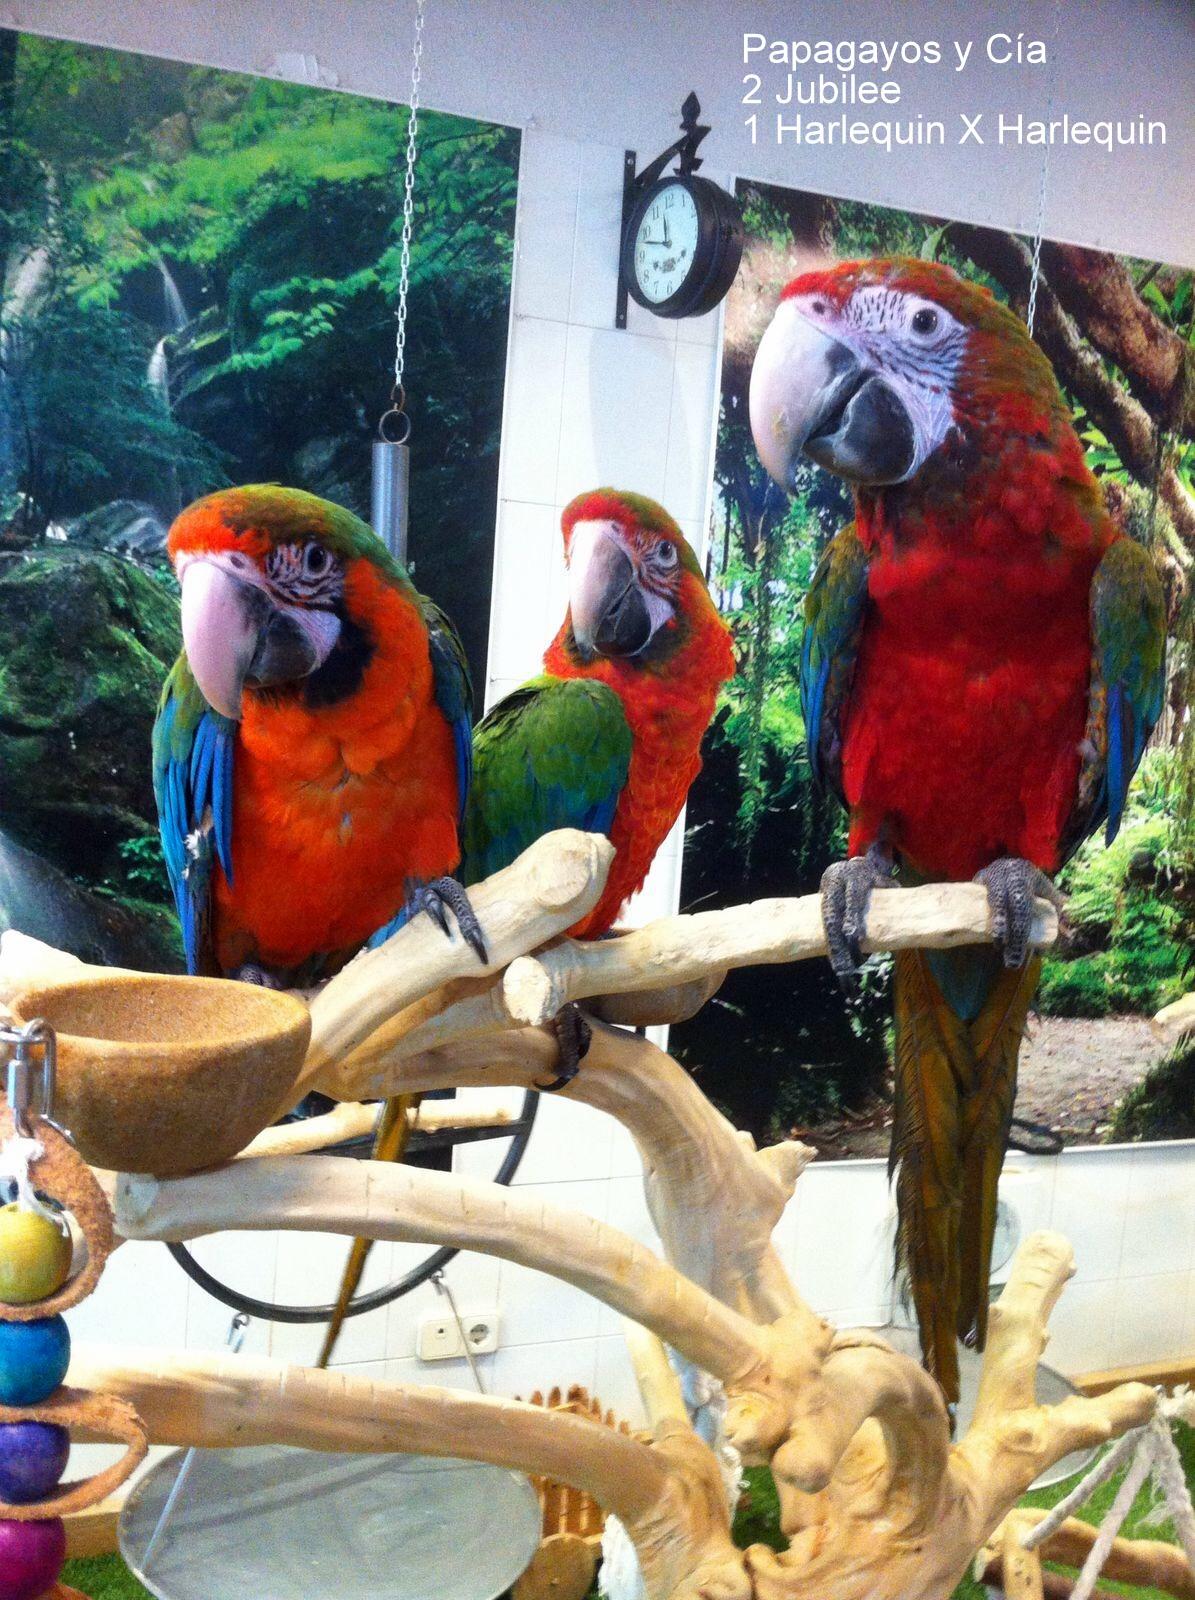 Ara-jubilee-Papagayos-y-Cía